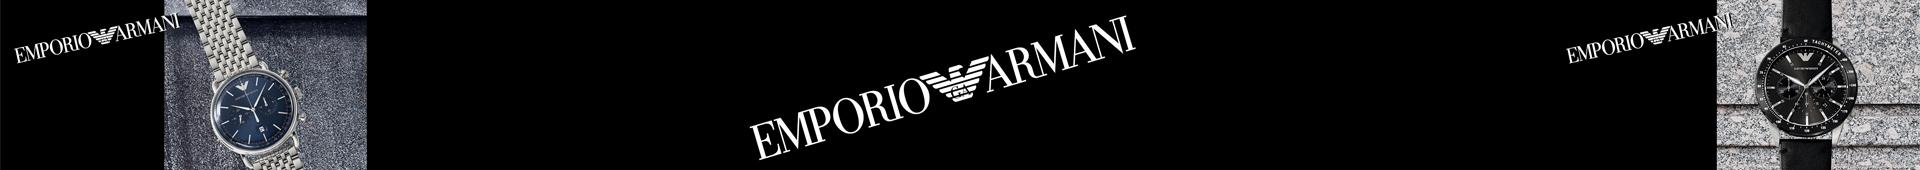 Emporio Armani Ceramic